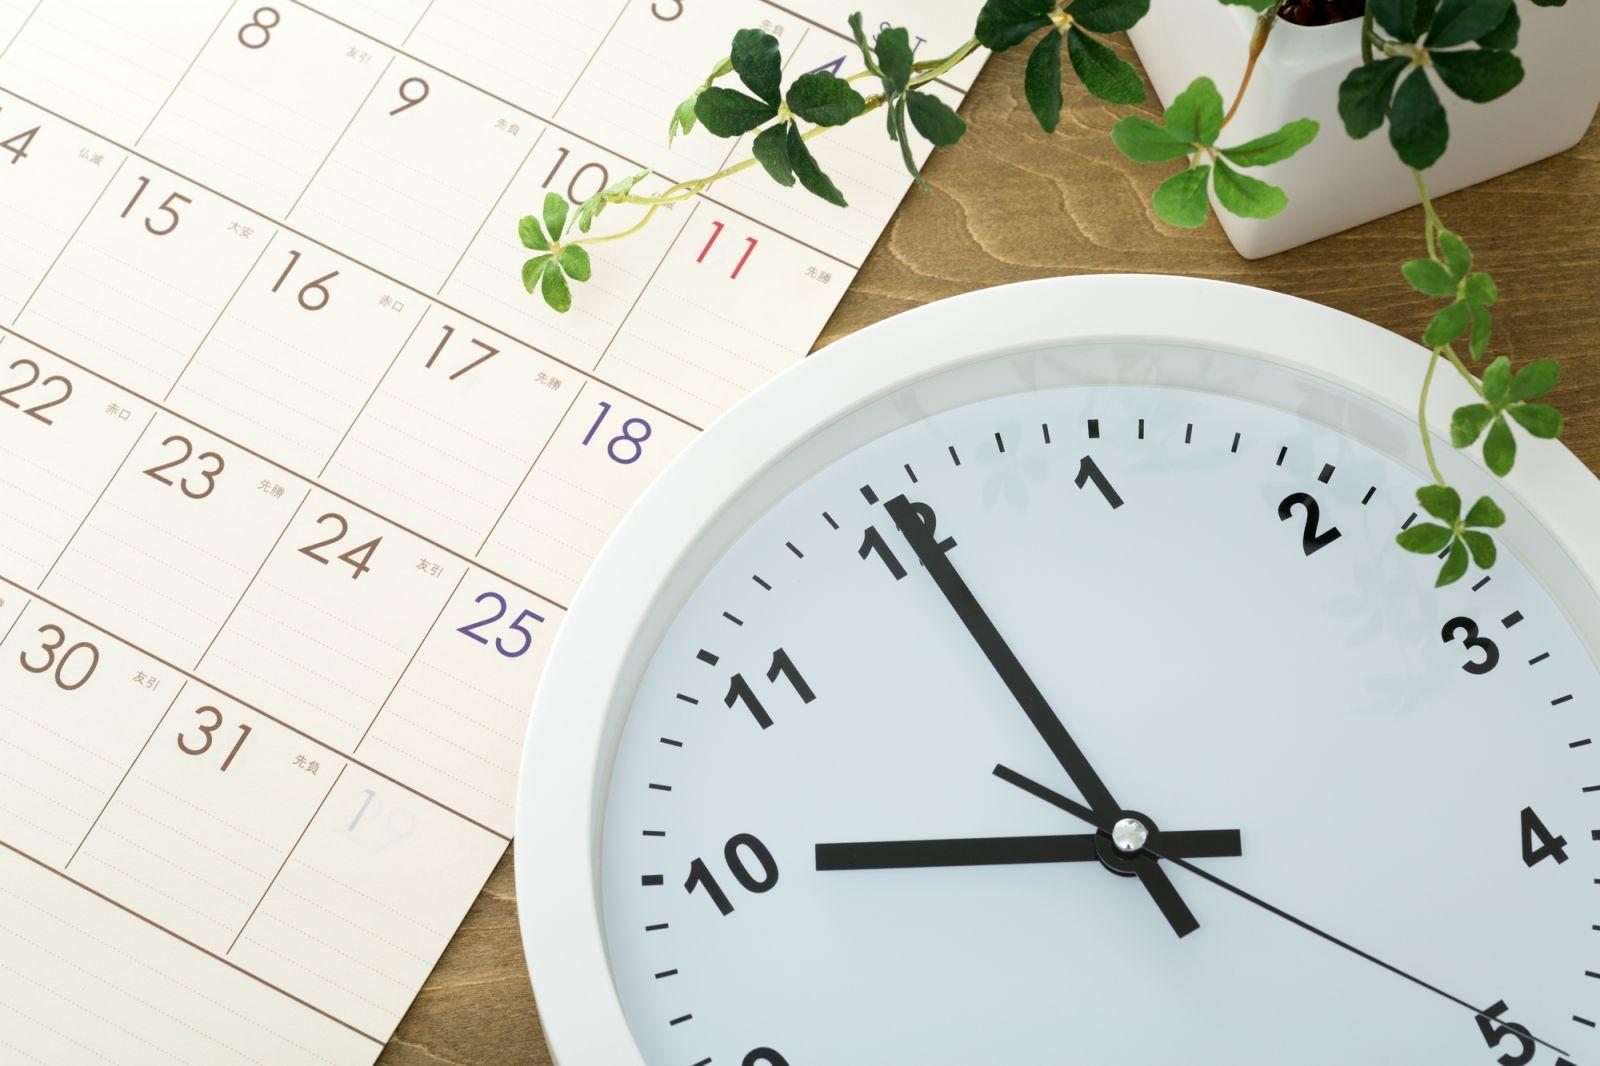 専門学校の年間授業時間数は800時間以上